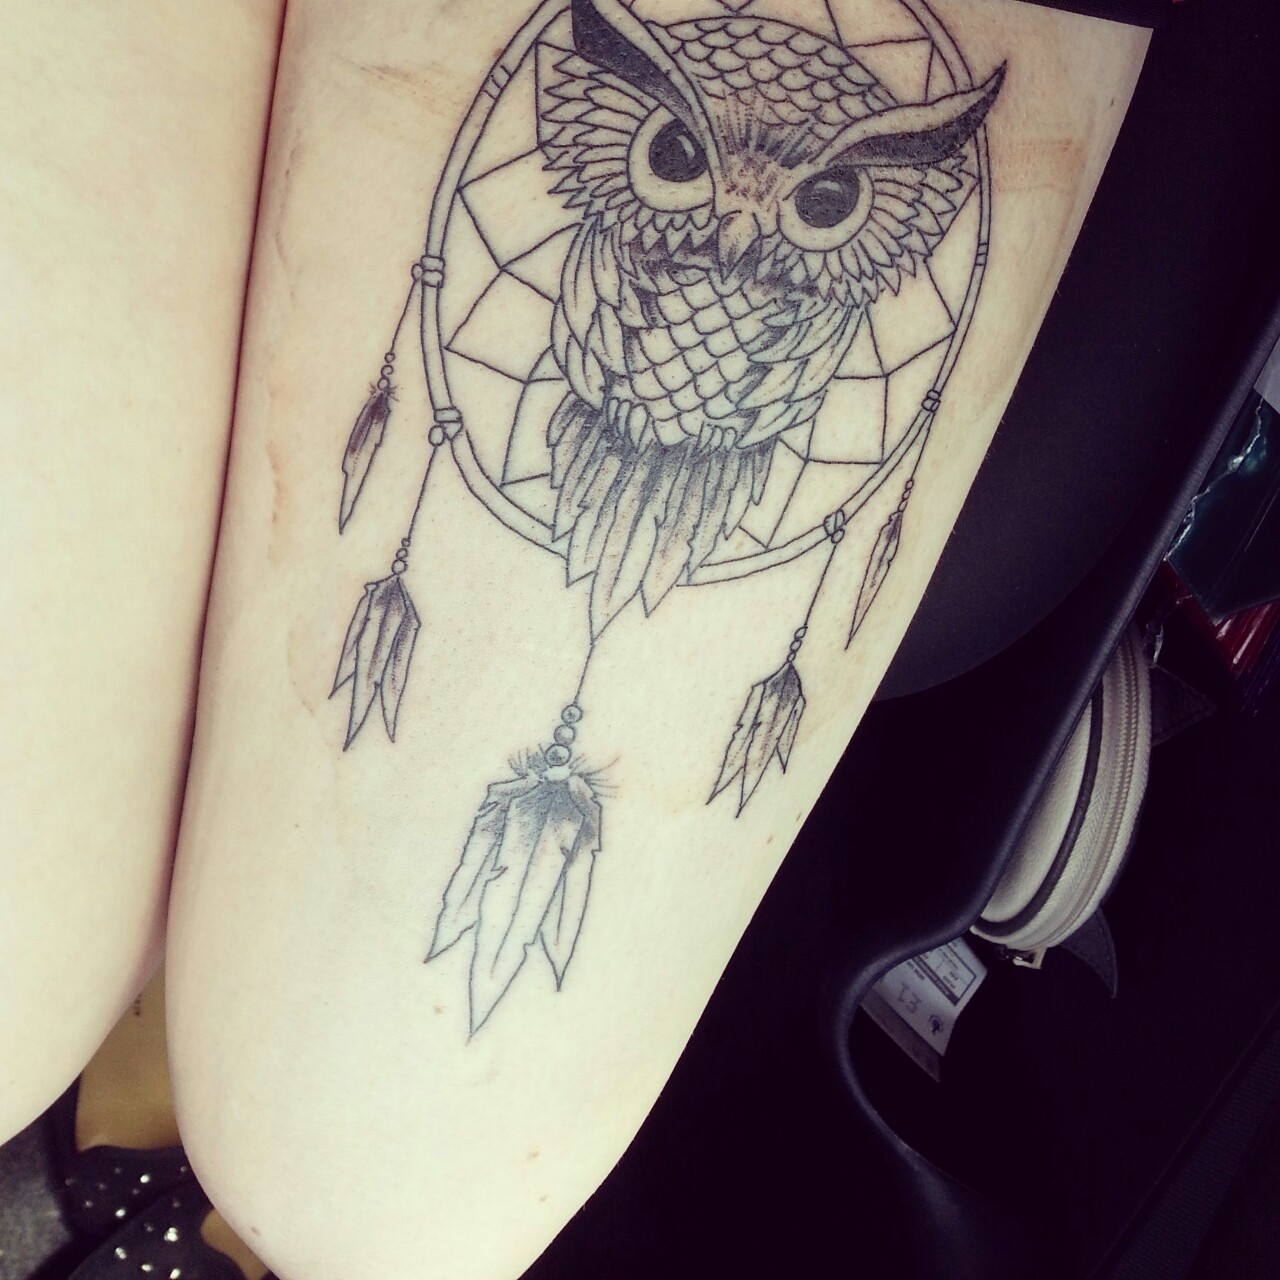 tatouage attrape reve cuisse, filet, plumes et dessin de hibou graphique, idée de tatouage symbolique amérindien